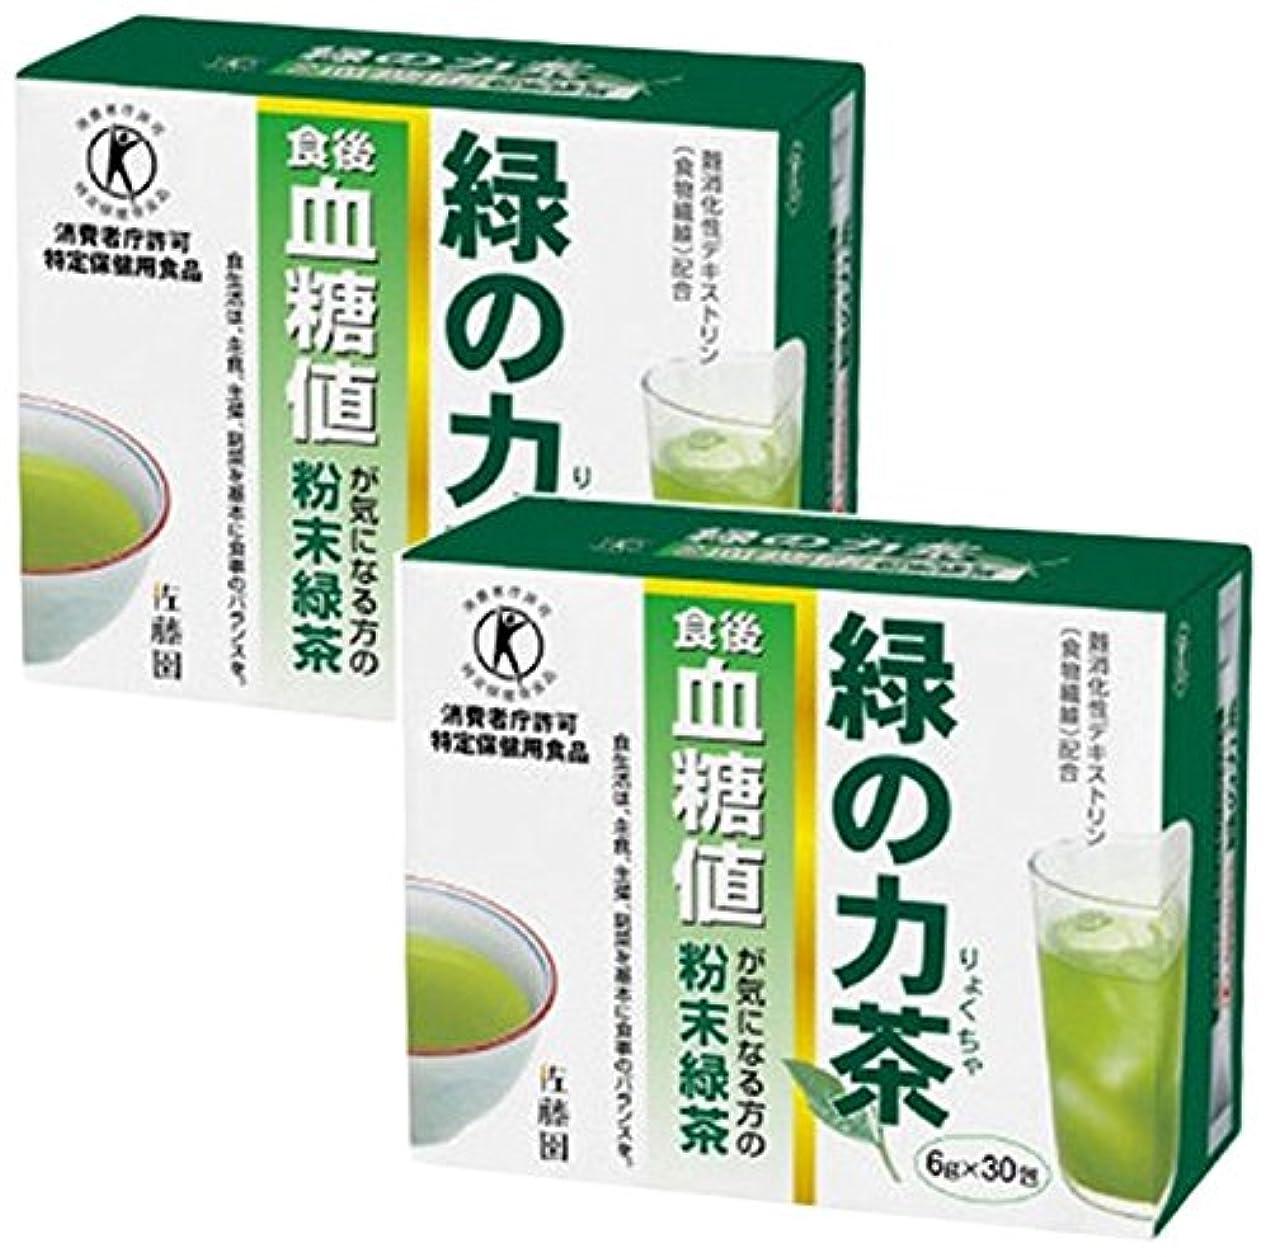 電話をかける屋内で田舎佐藤園のトクホのお茶 緑の力茶(血糖値) 30包 [特定保健用食品]